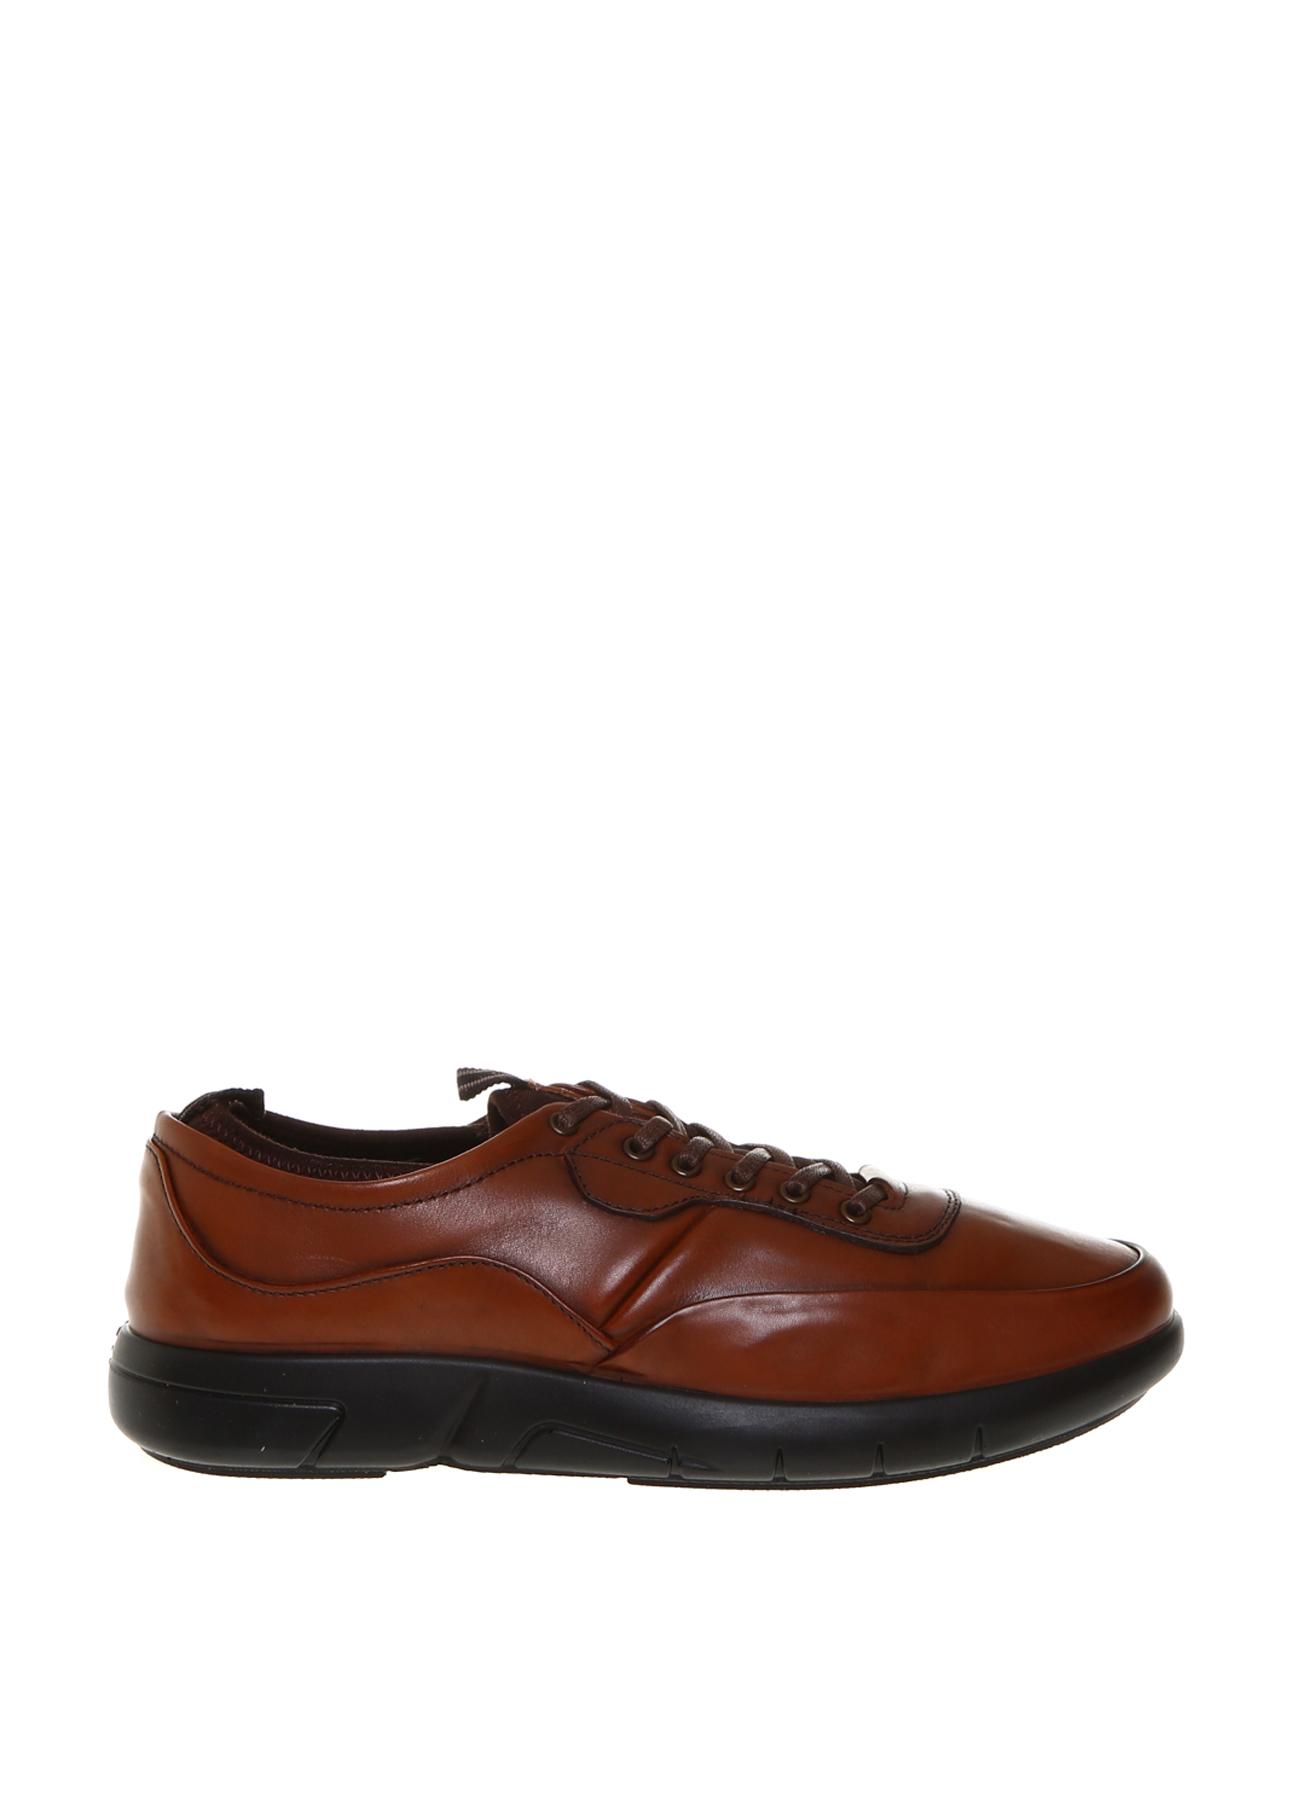 Penford Deri Kahve Günlük Ayakkabı 42 5001916520003 Ürün Resmi